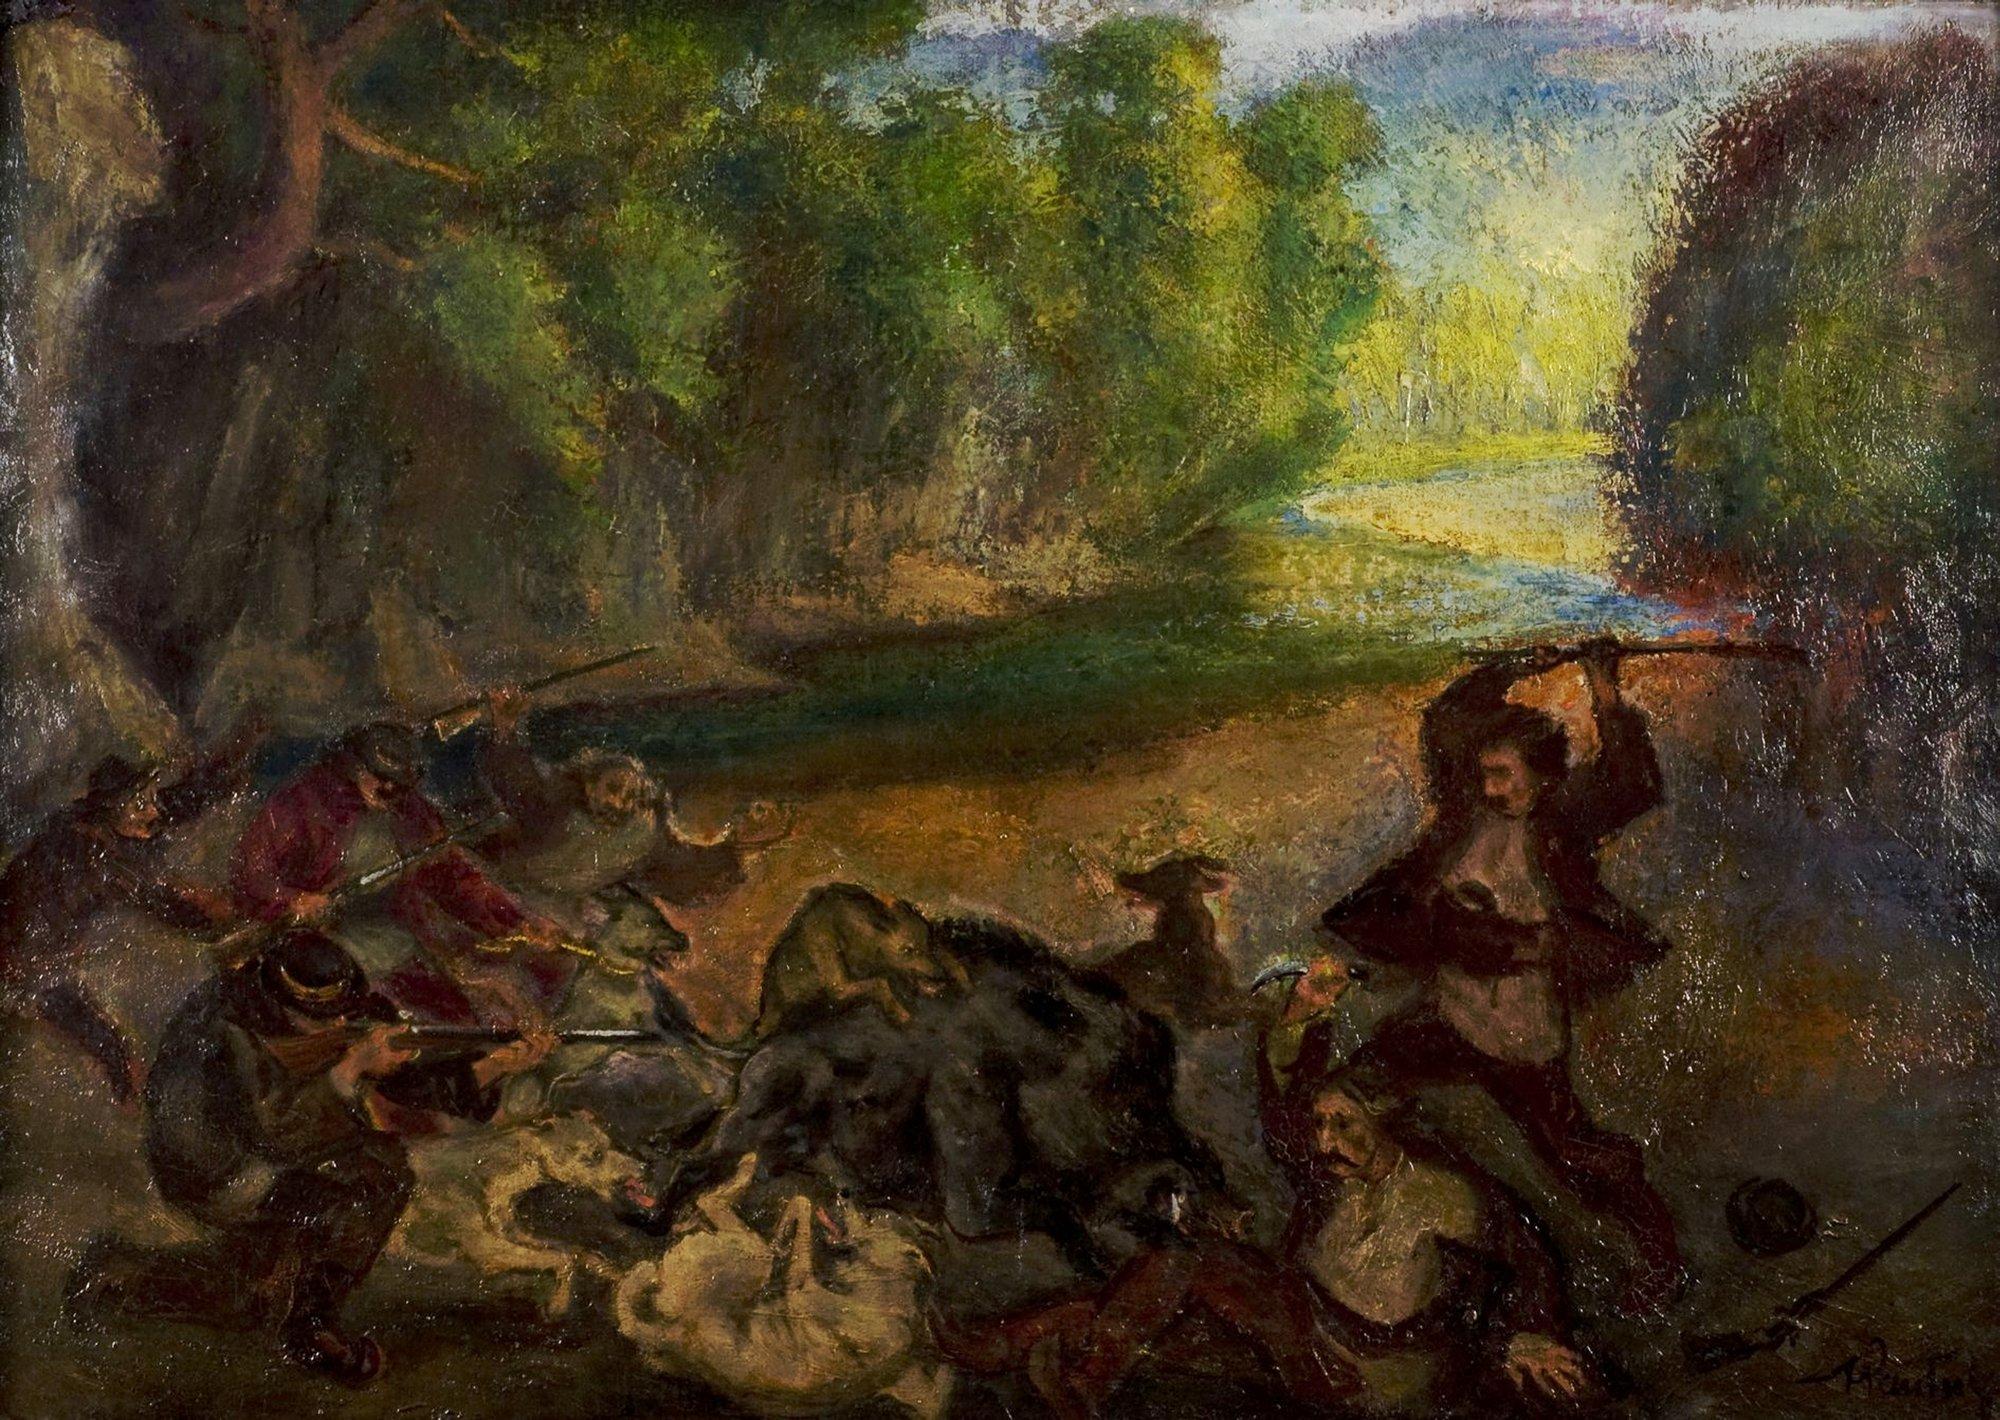 Polowanie na dzika, 1907